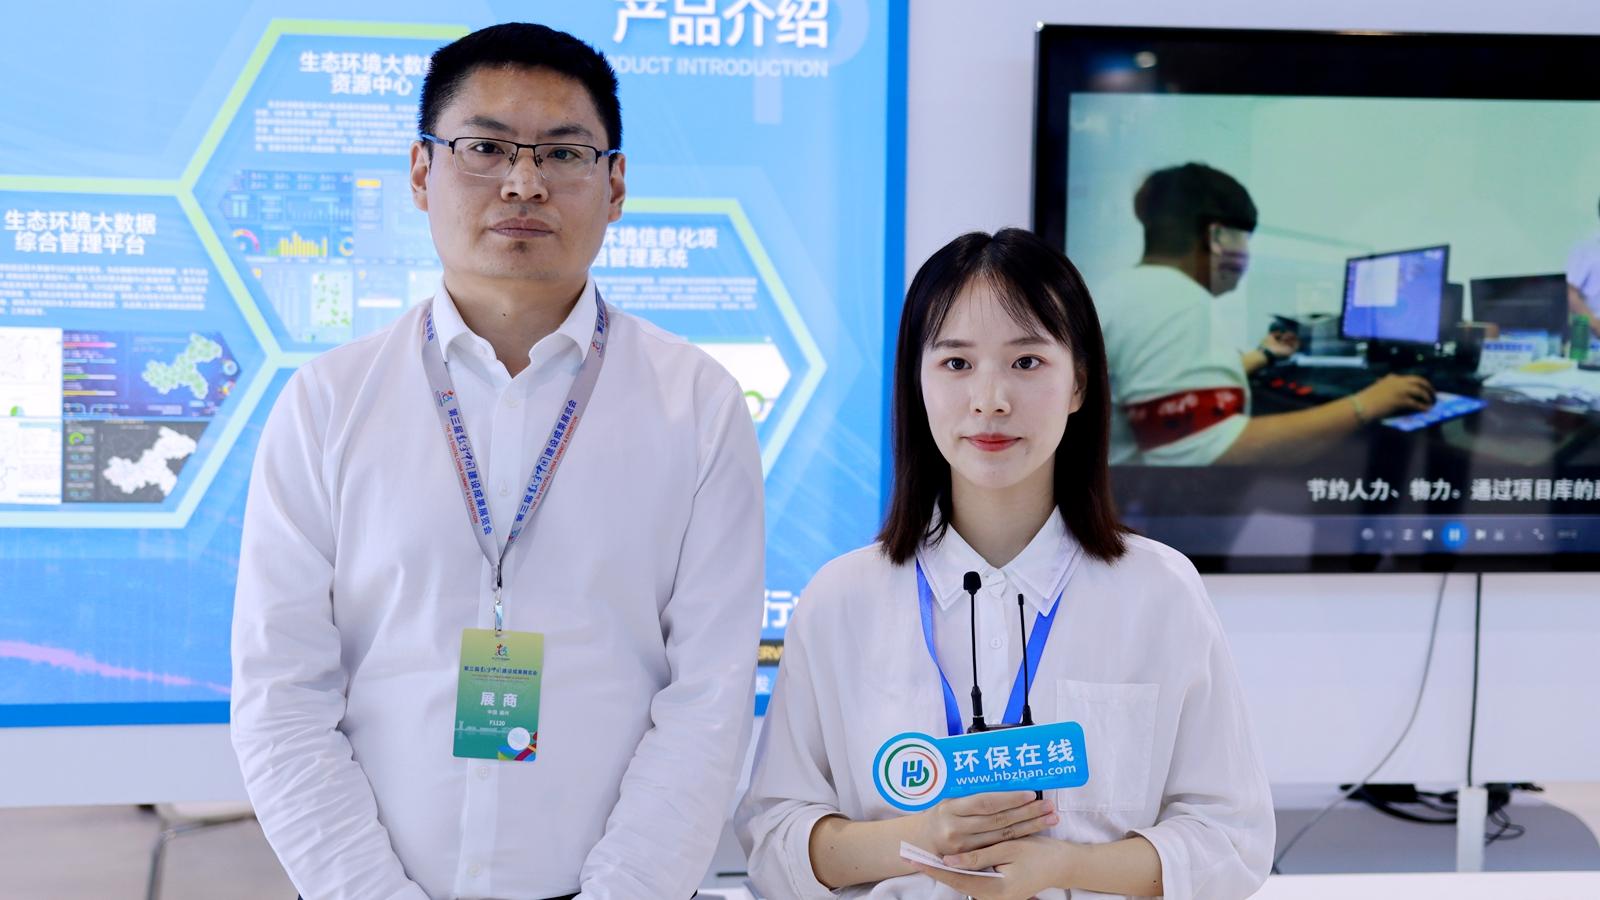 中环国投大气环境、水环境大数据系统现身数字生态应用成果展